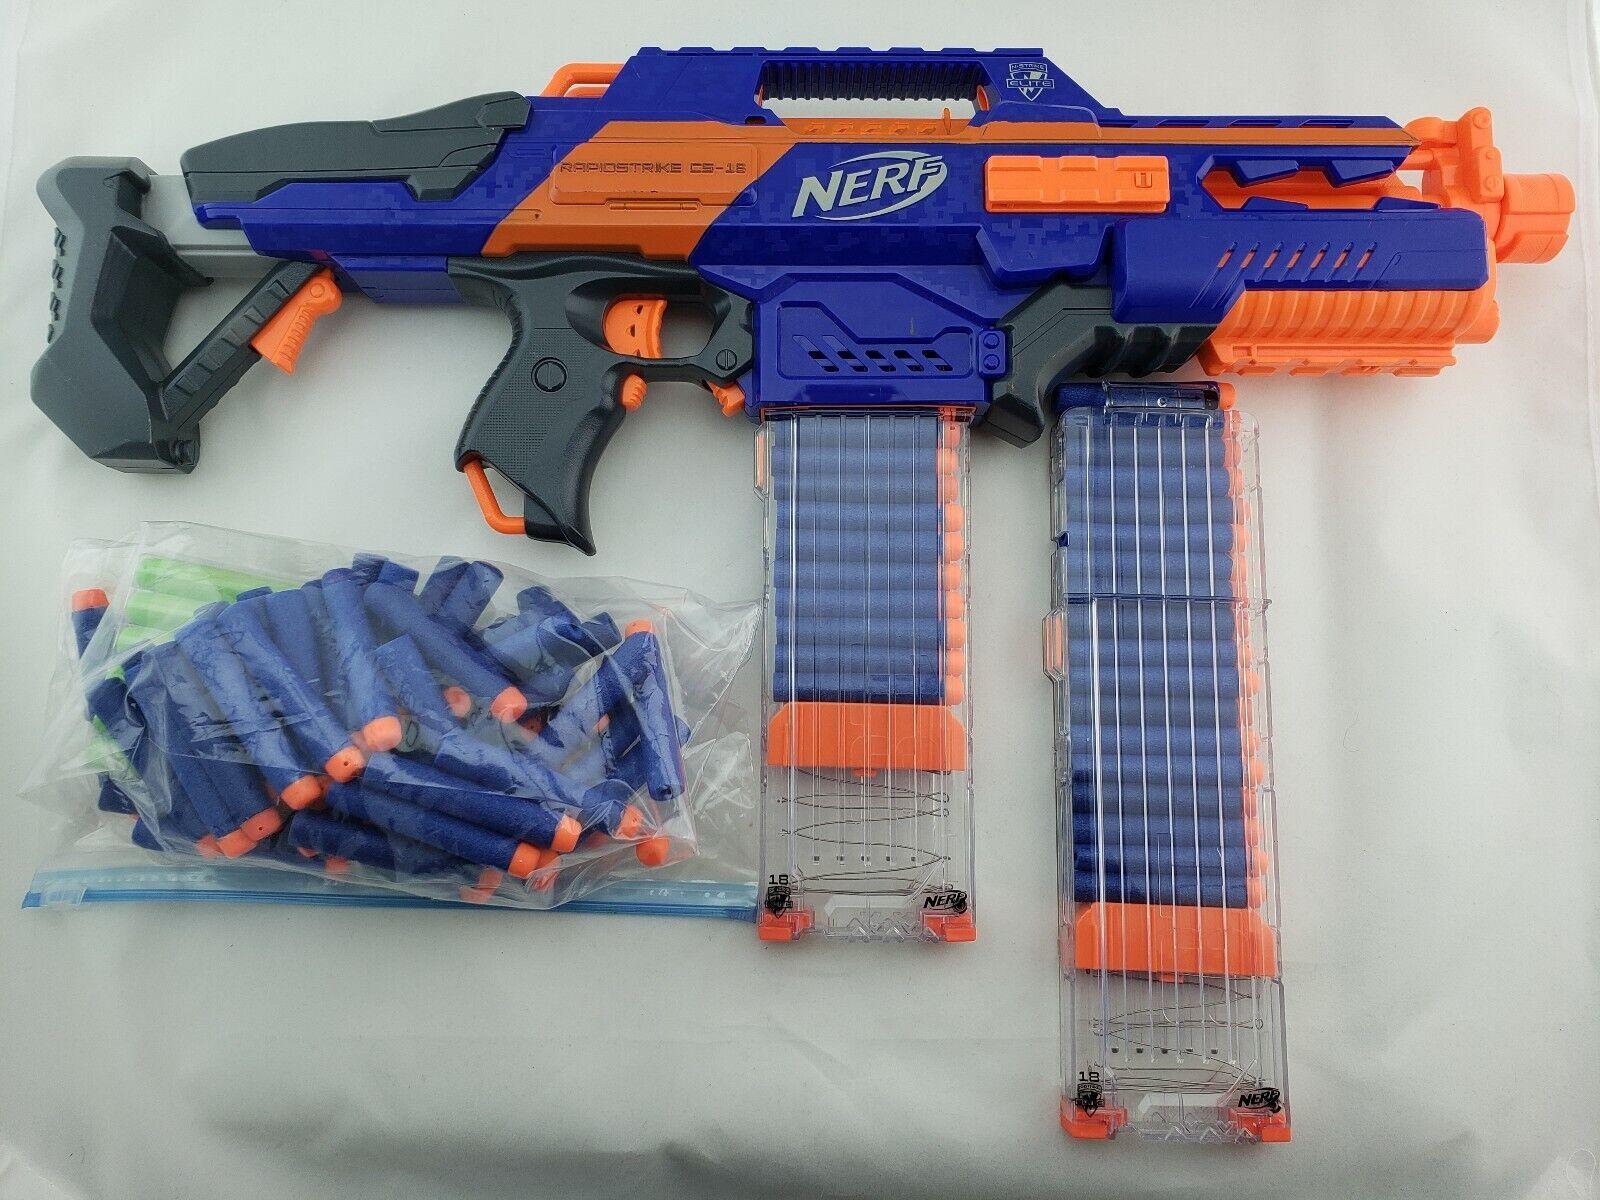 Nerf Gun Extra Clip Motorized Nstrike Elite Rapidstrike Cs18 Soft Dart Hasbro For Sale Online